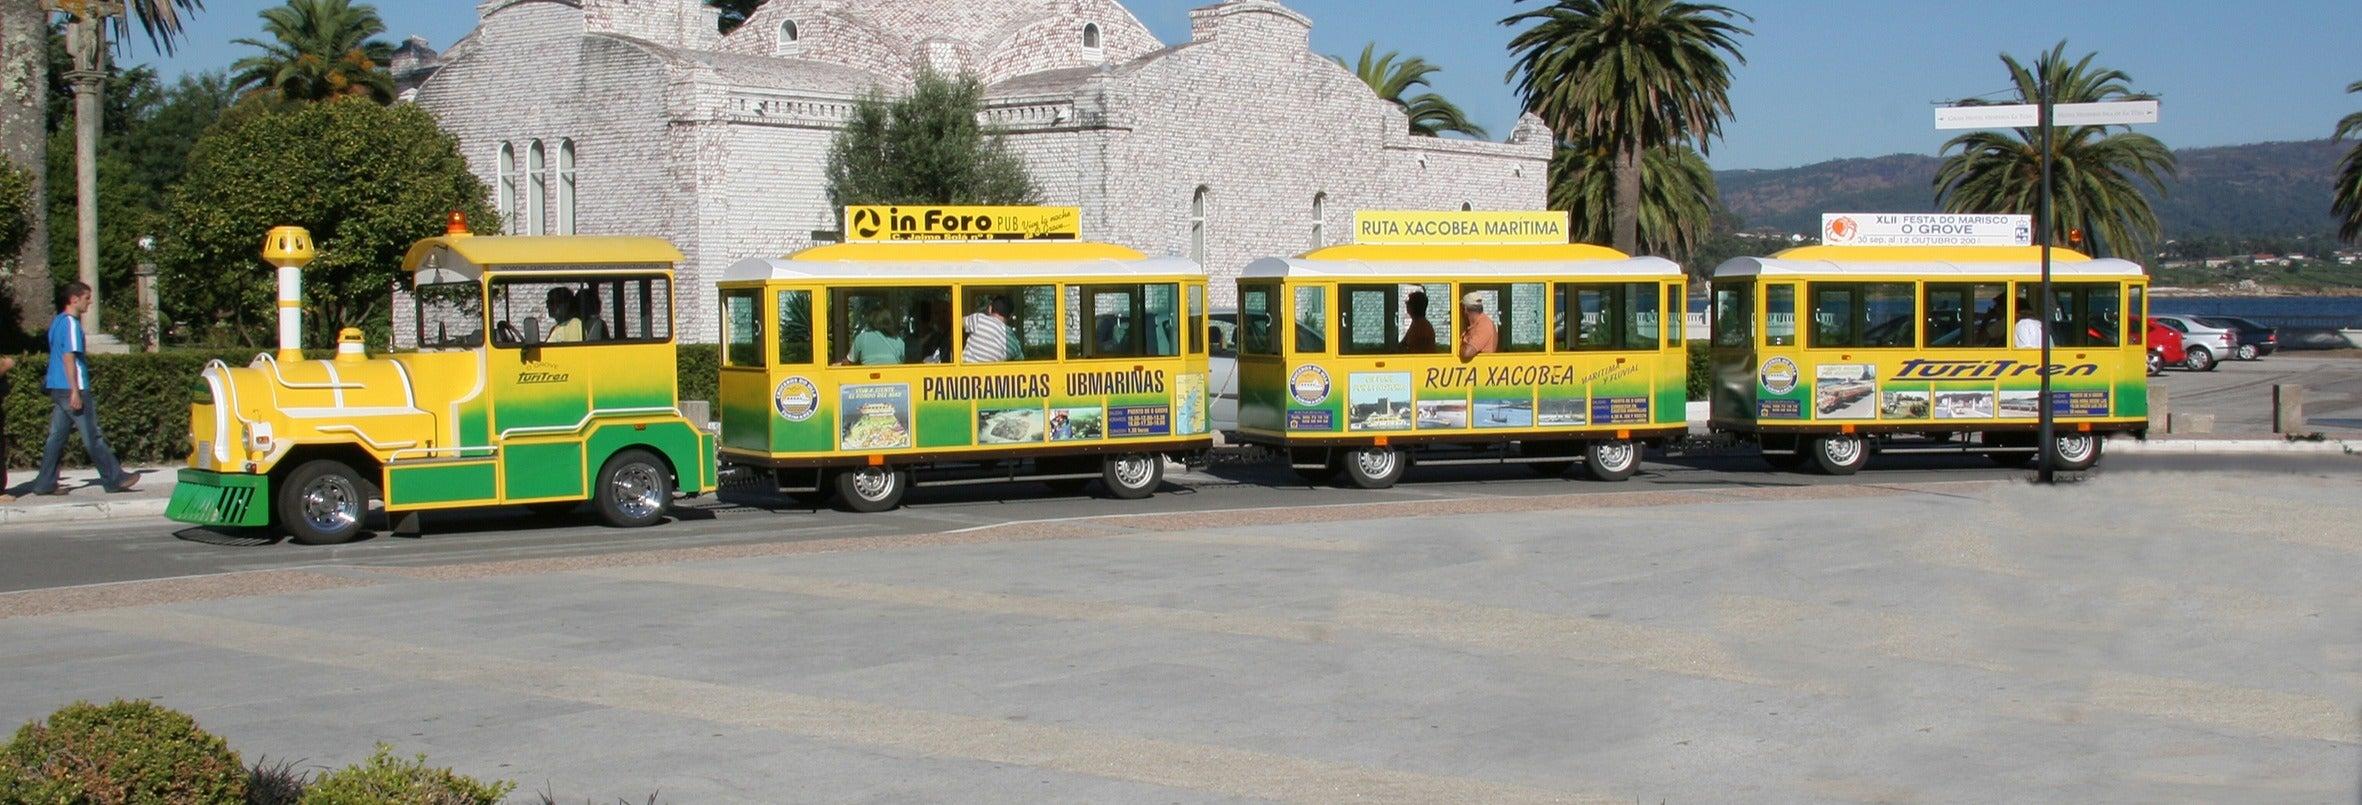 Tren turístico de El Grove